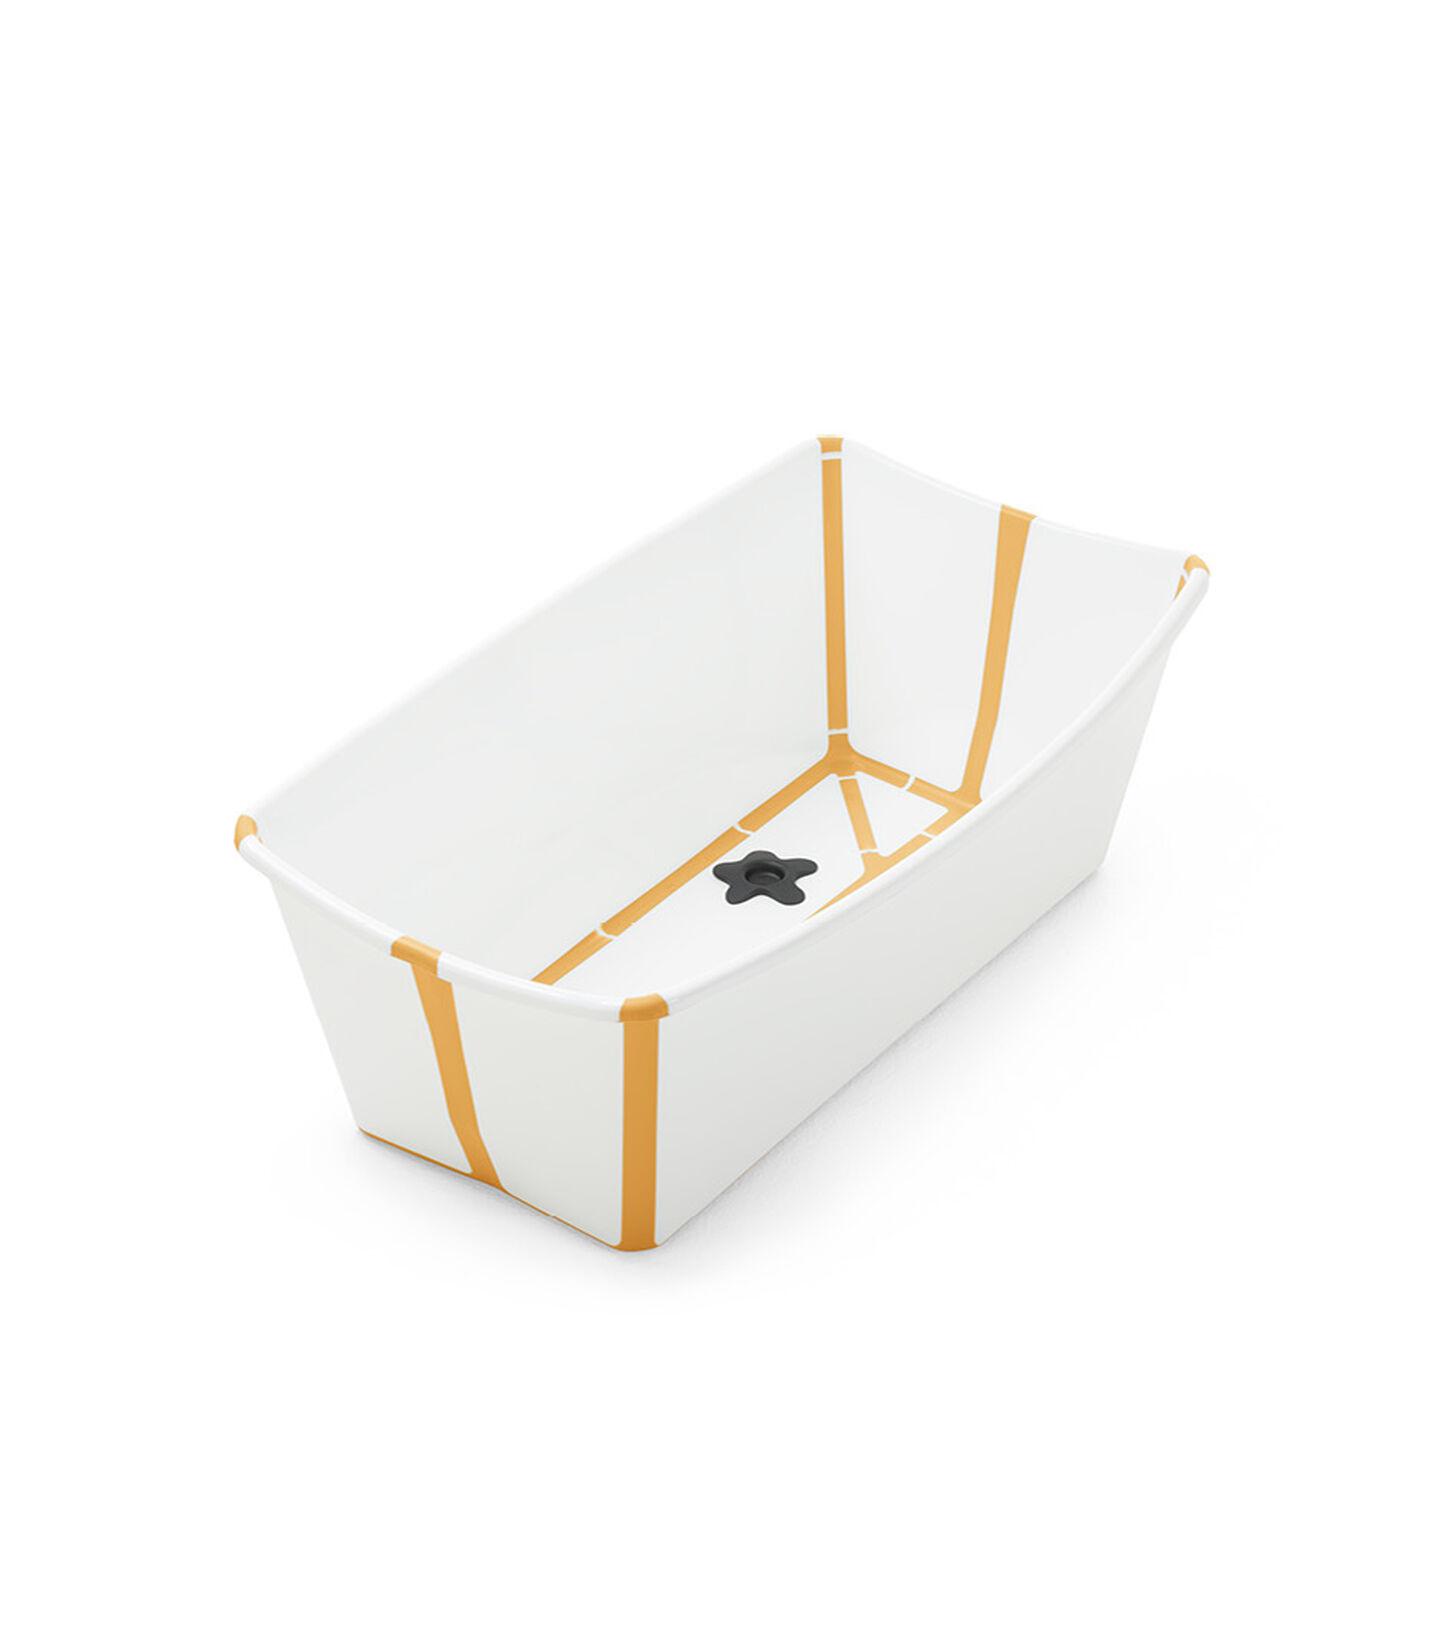 Stokke® Flexi Bath® White Yellow, White Yellow, mainview view 2